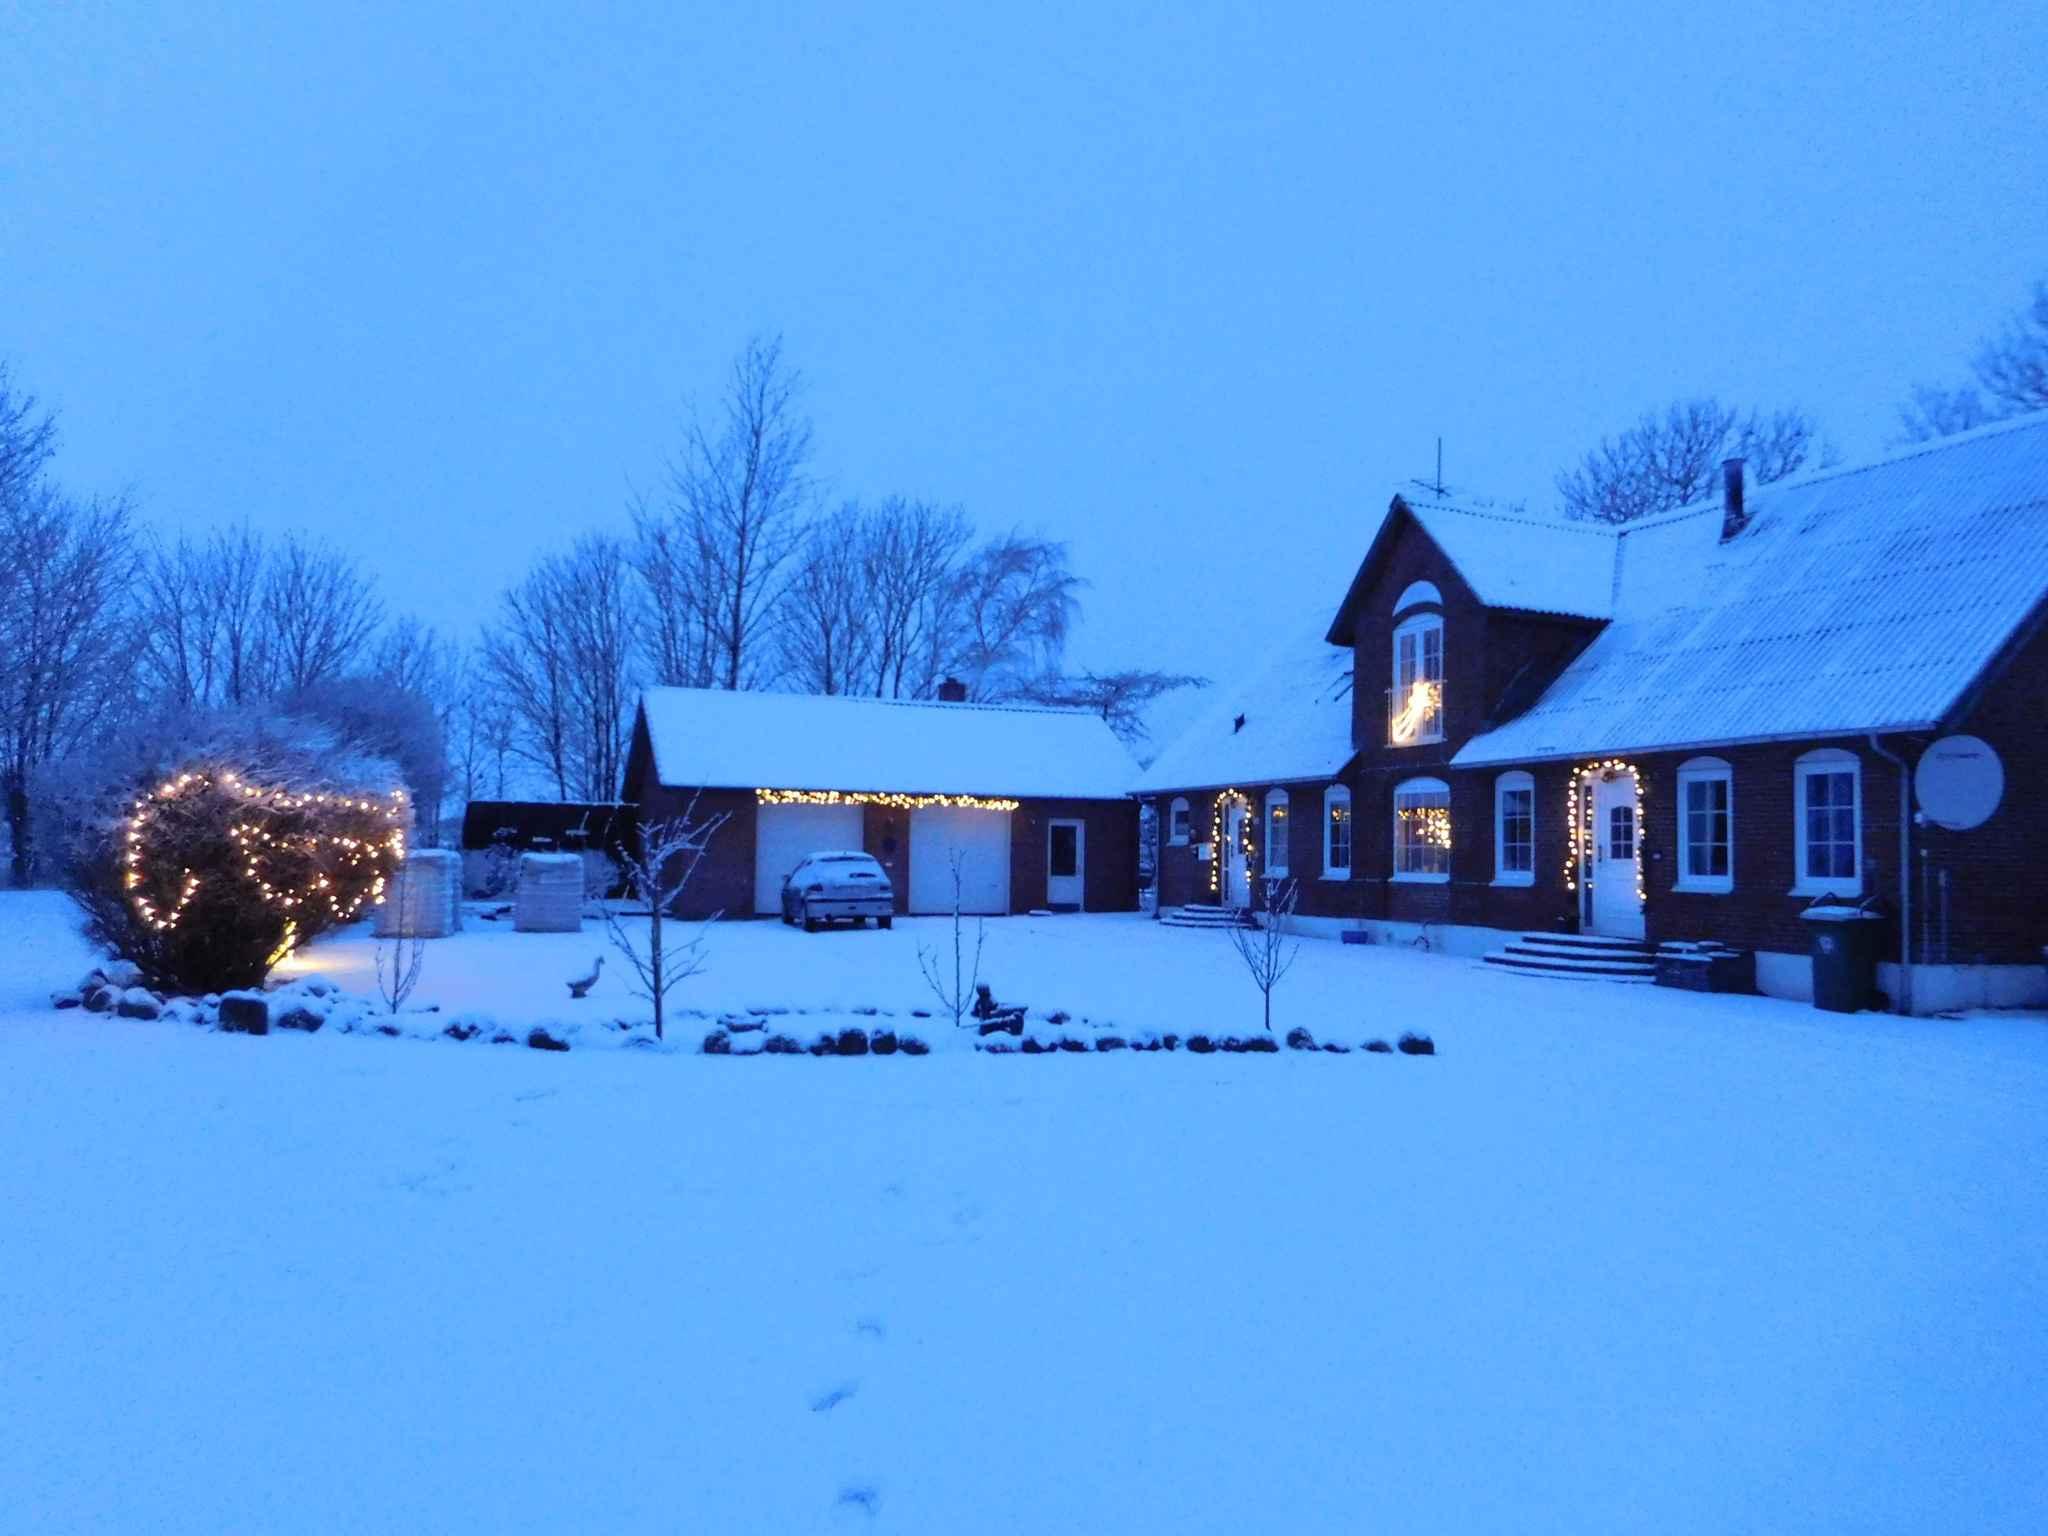 Ferienwohnung inkl. Kaminofen und schönem Blick auf die umliegenden Felder (1670562), Fjerritslev, , Nordwestjütland, Dänemark, Bild 3